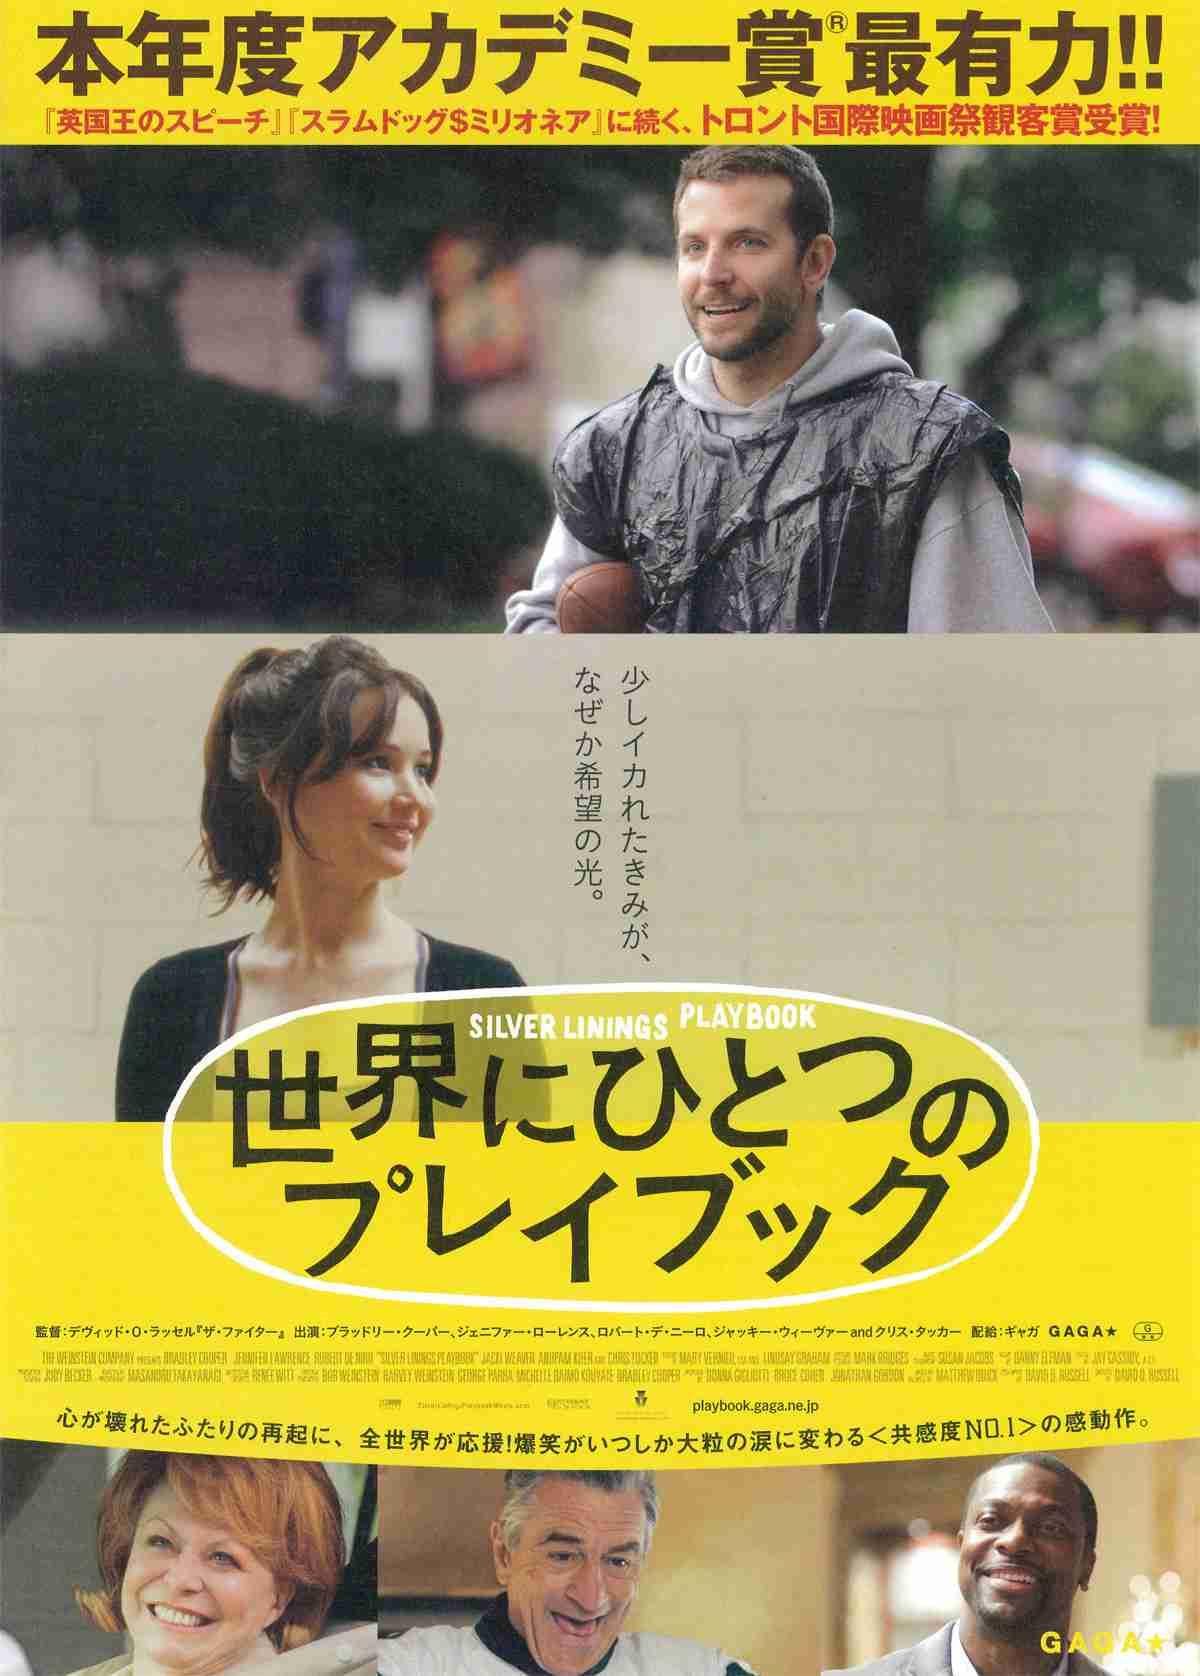 世界にひとつのプレイブック - 作品 - Yahoo!映画